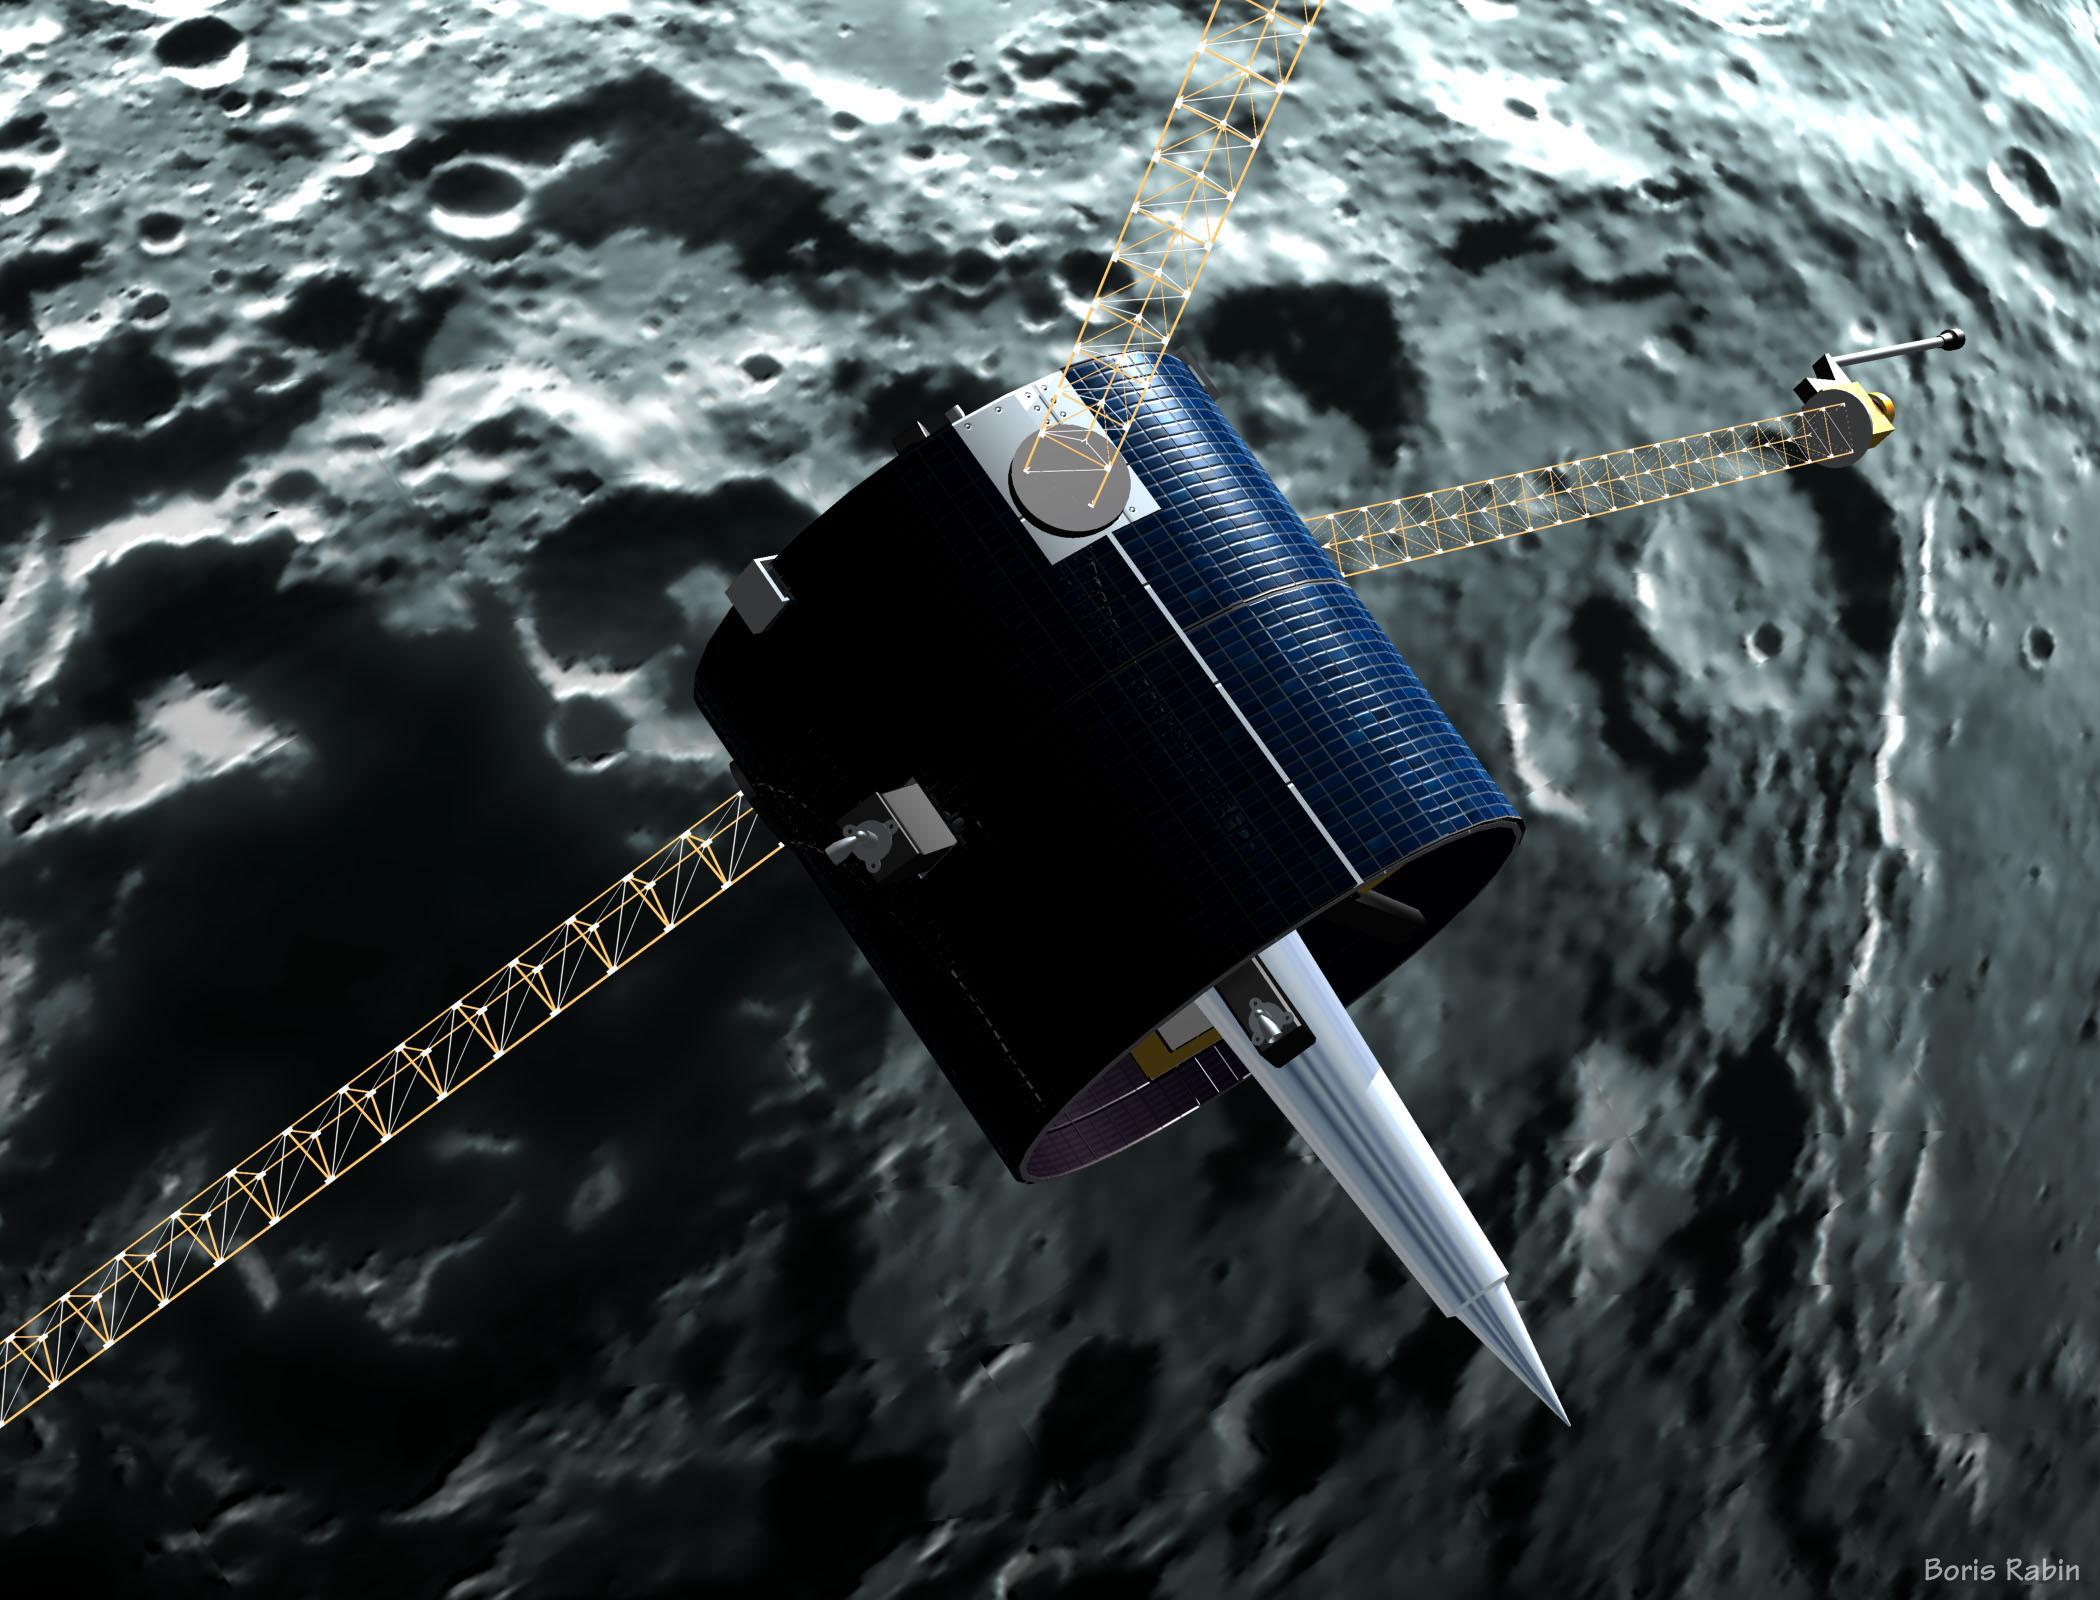 lunar prospector spacecraft - photo #14